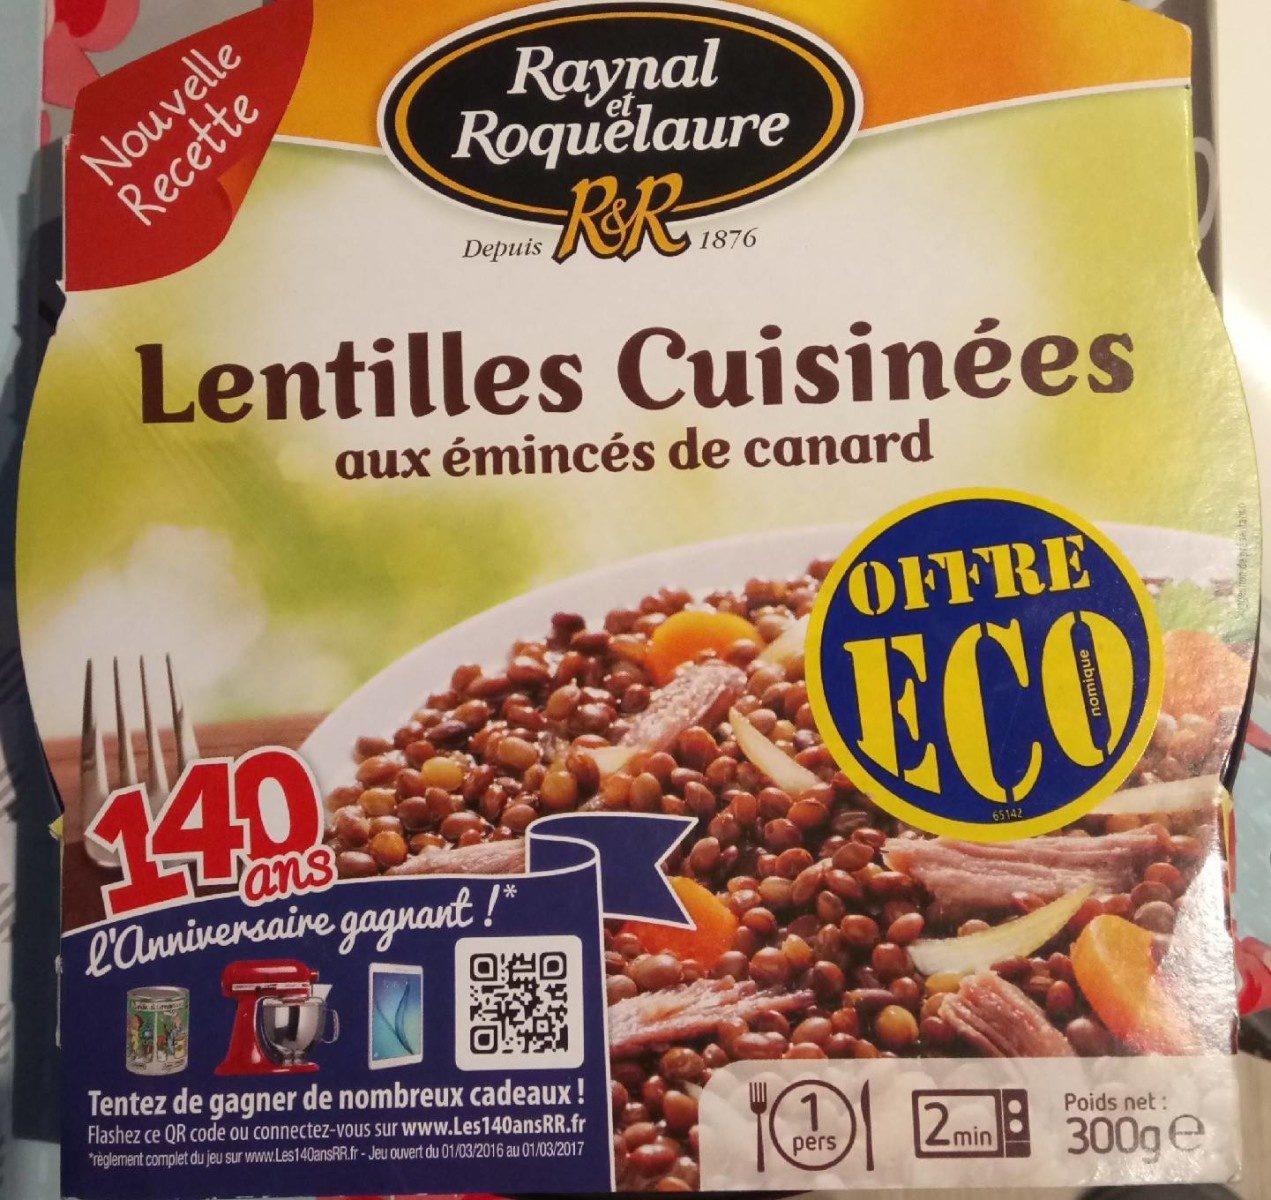 Lentilles Cuisinées aux Émincés de Canard - Product - fr